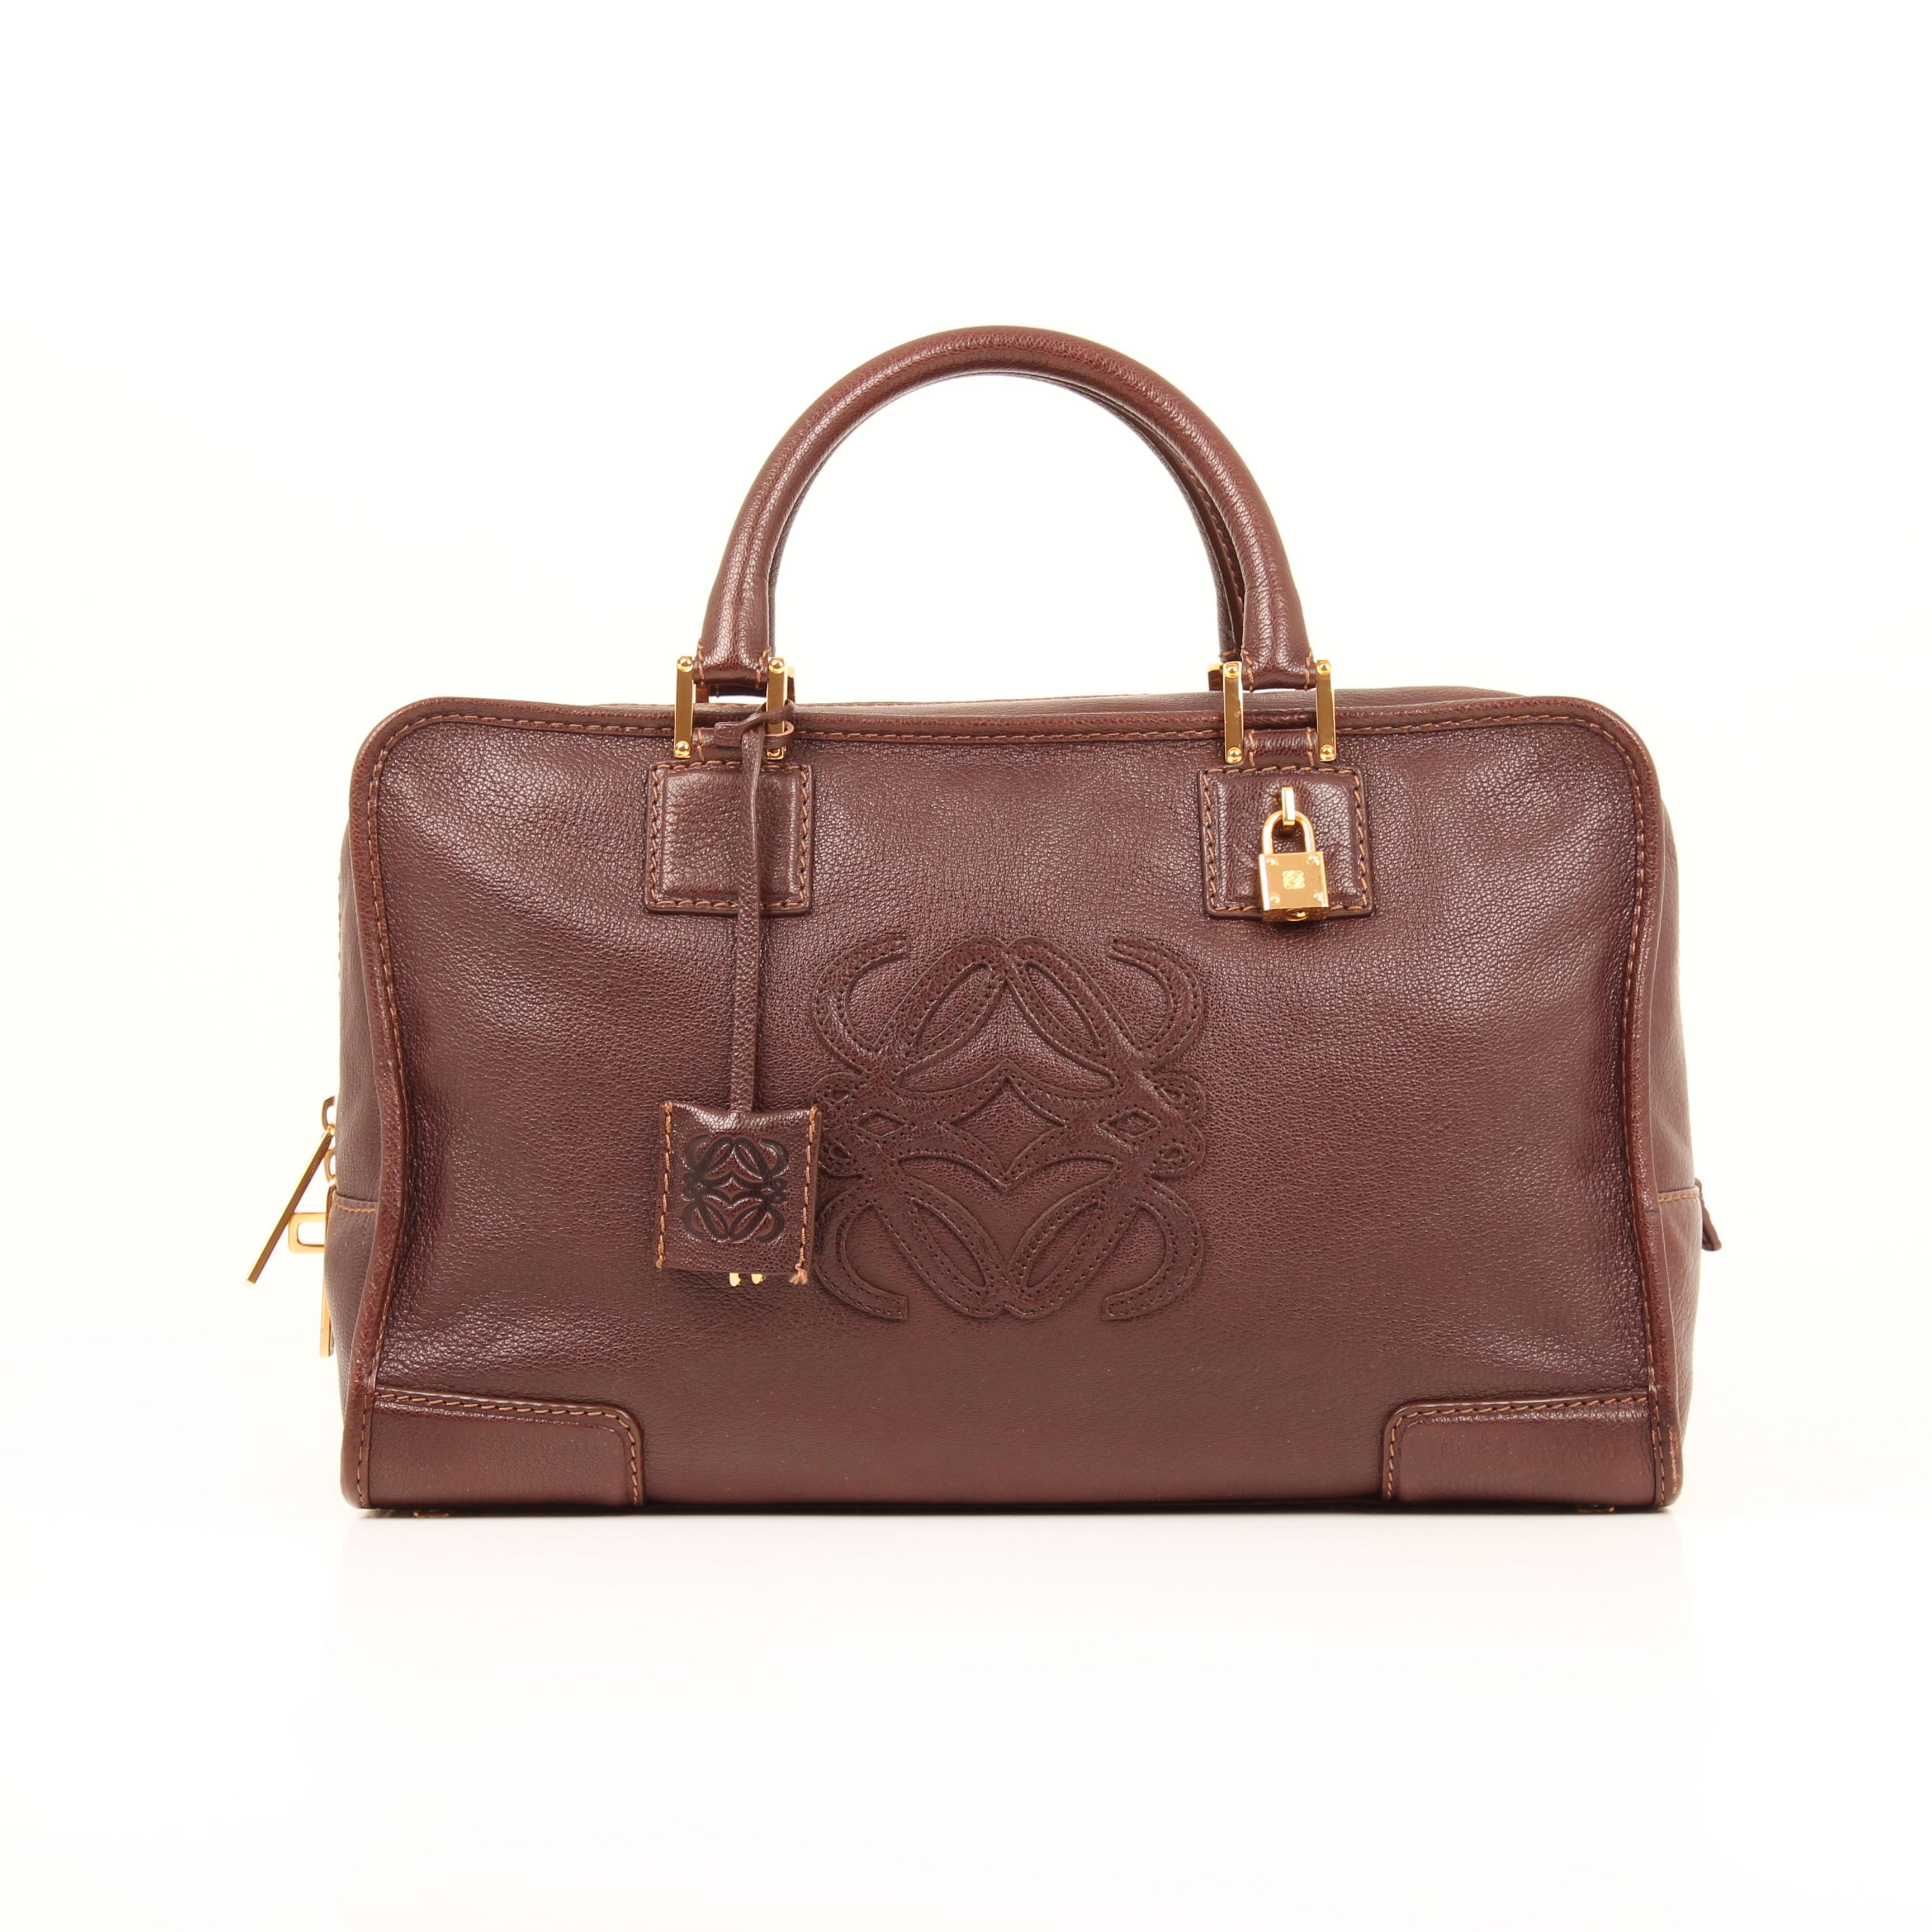 handbag loewe amazona 36 brown leather front